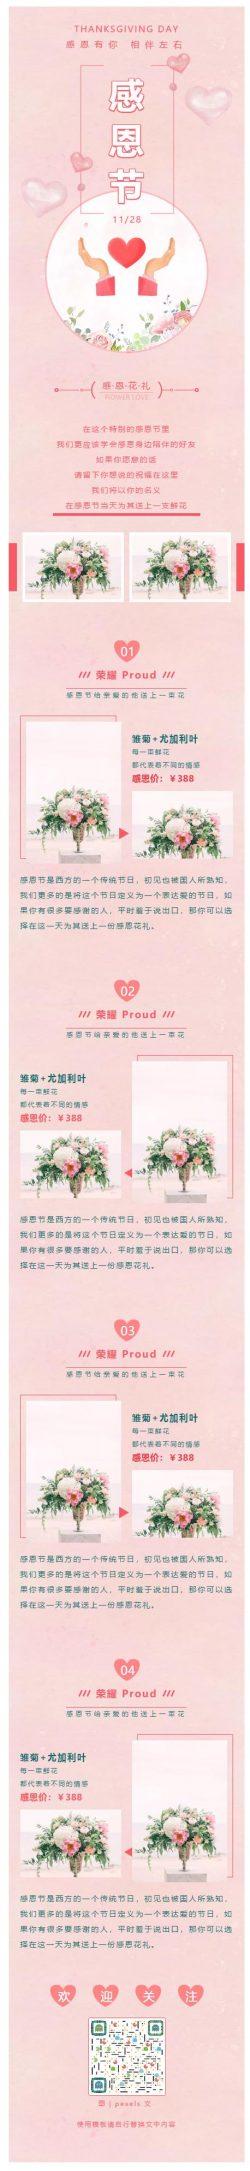 感恩节微信推文THANKSGIVING DAY粉红色风格鲜花店电商模板推送文章模板